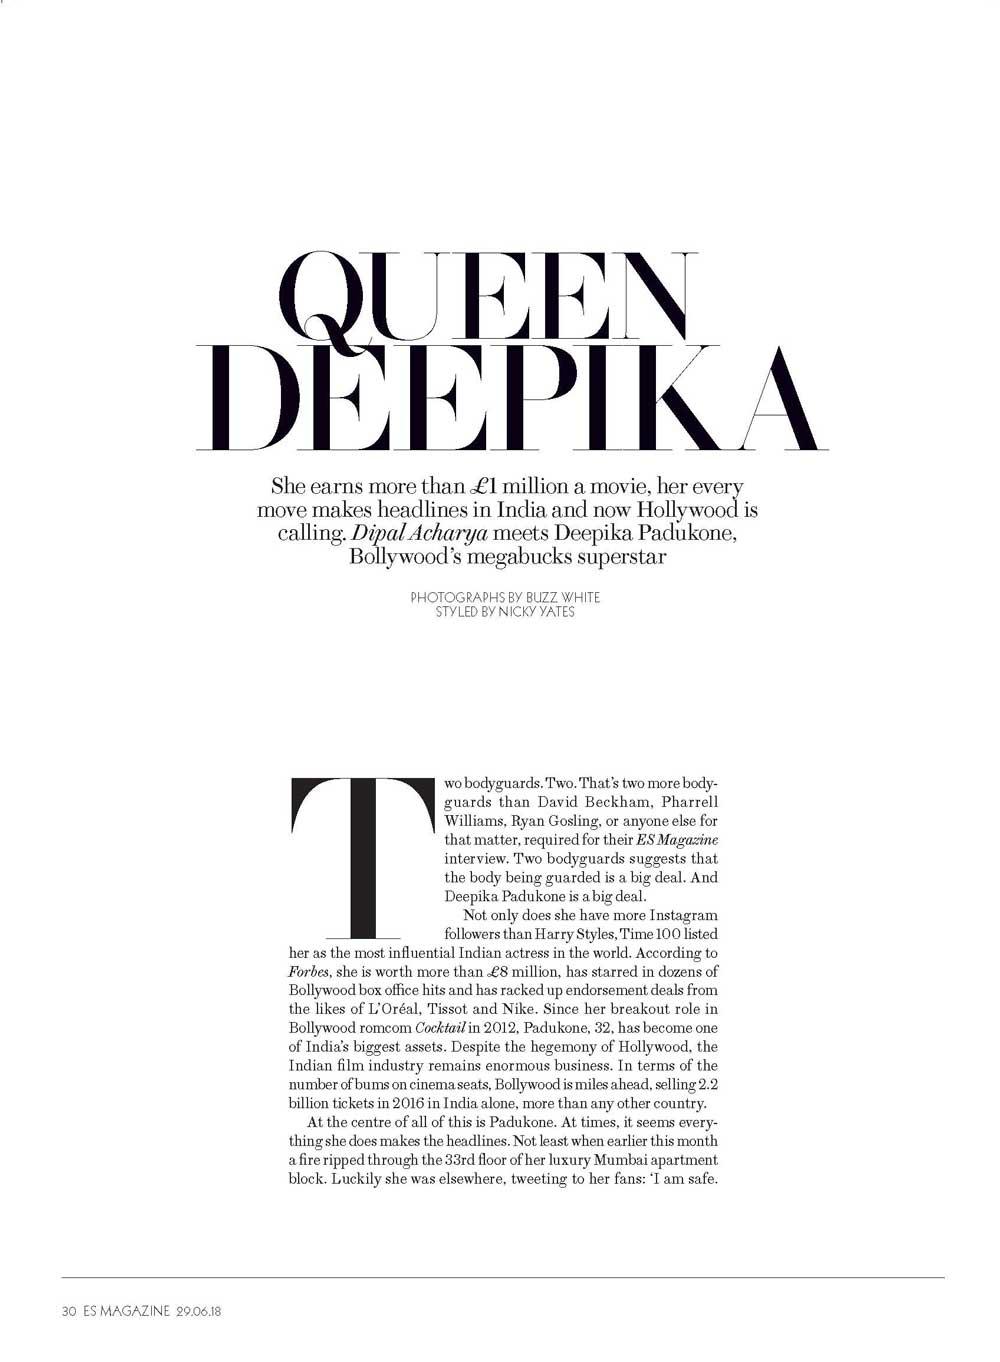 Deepika-1.jpg